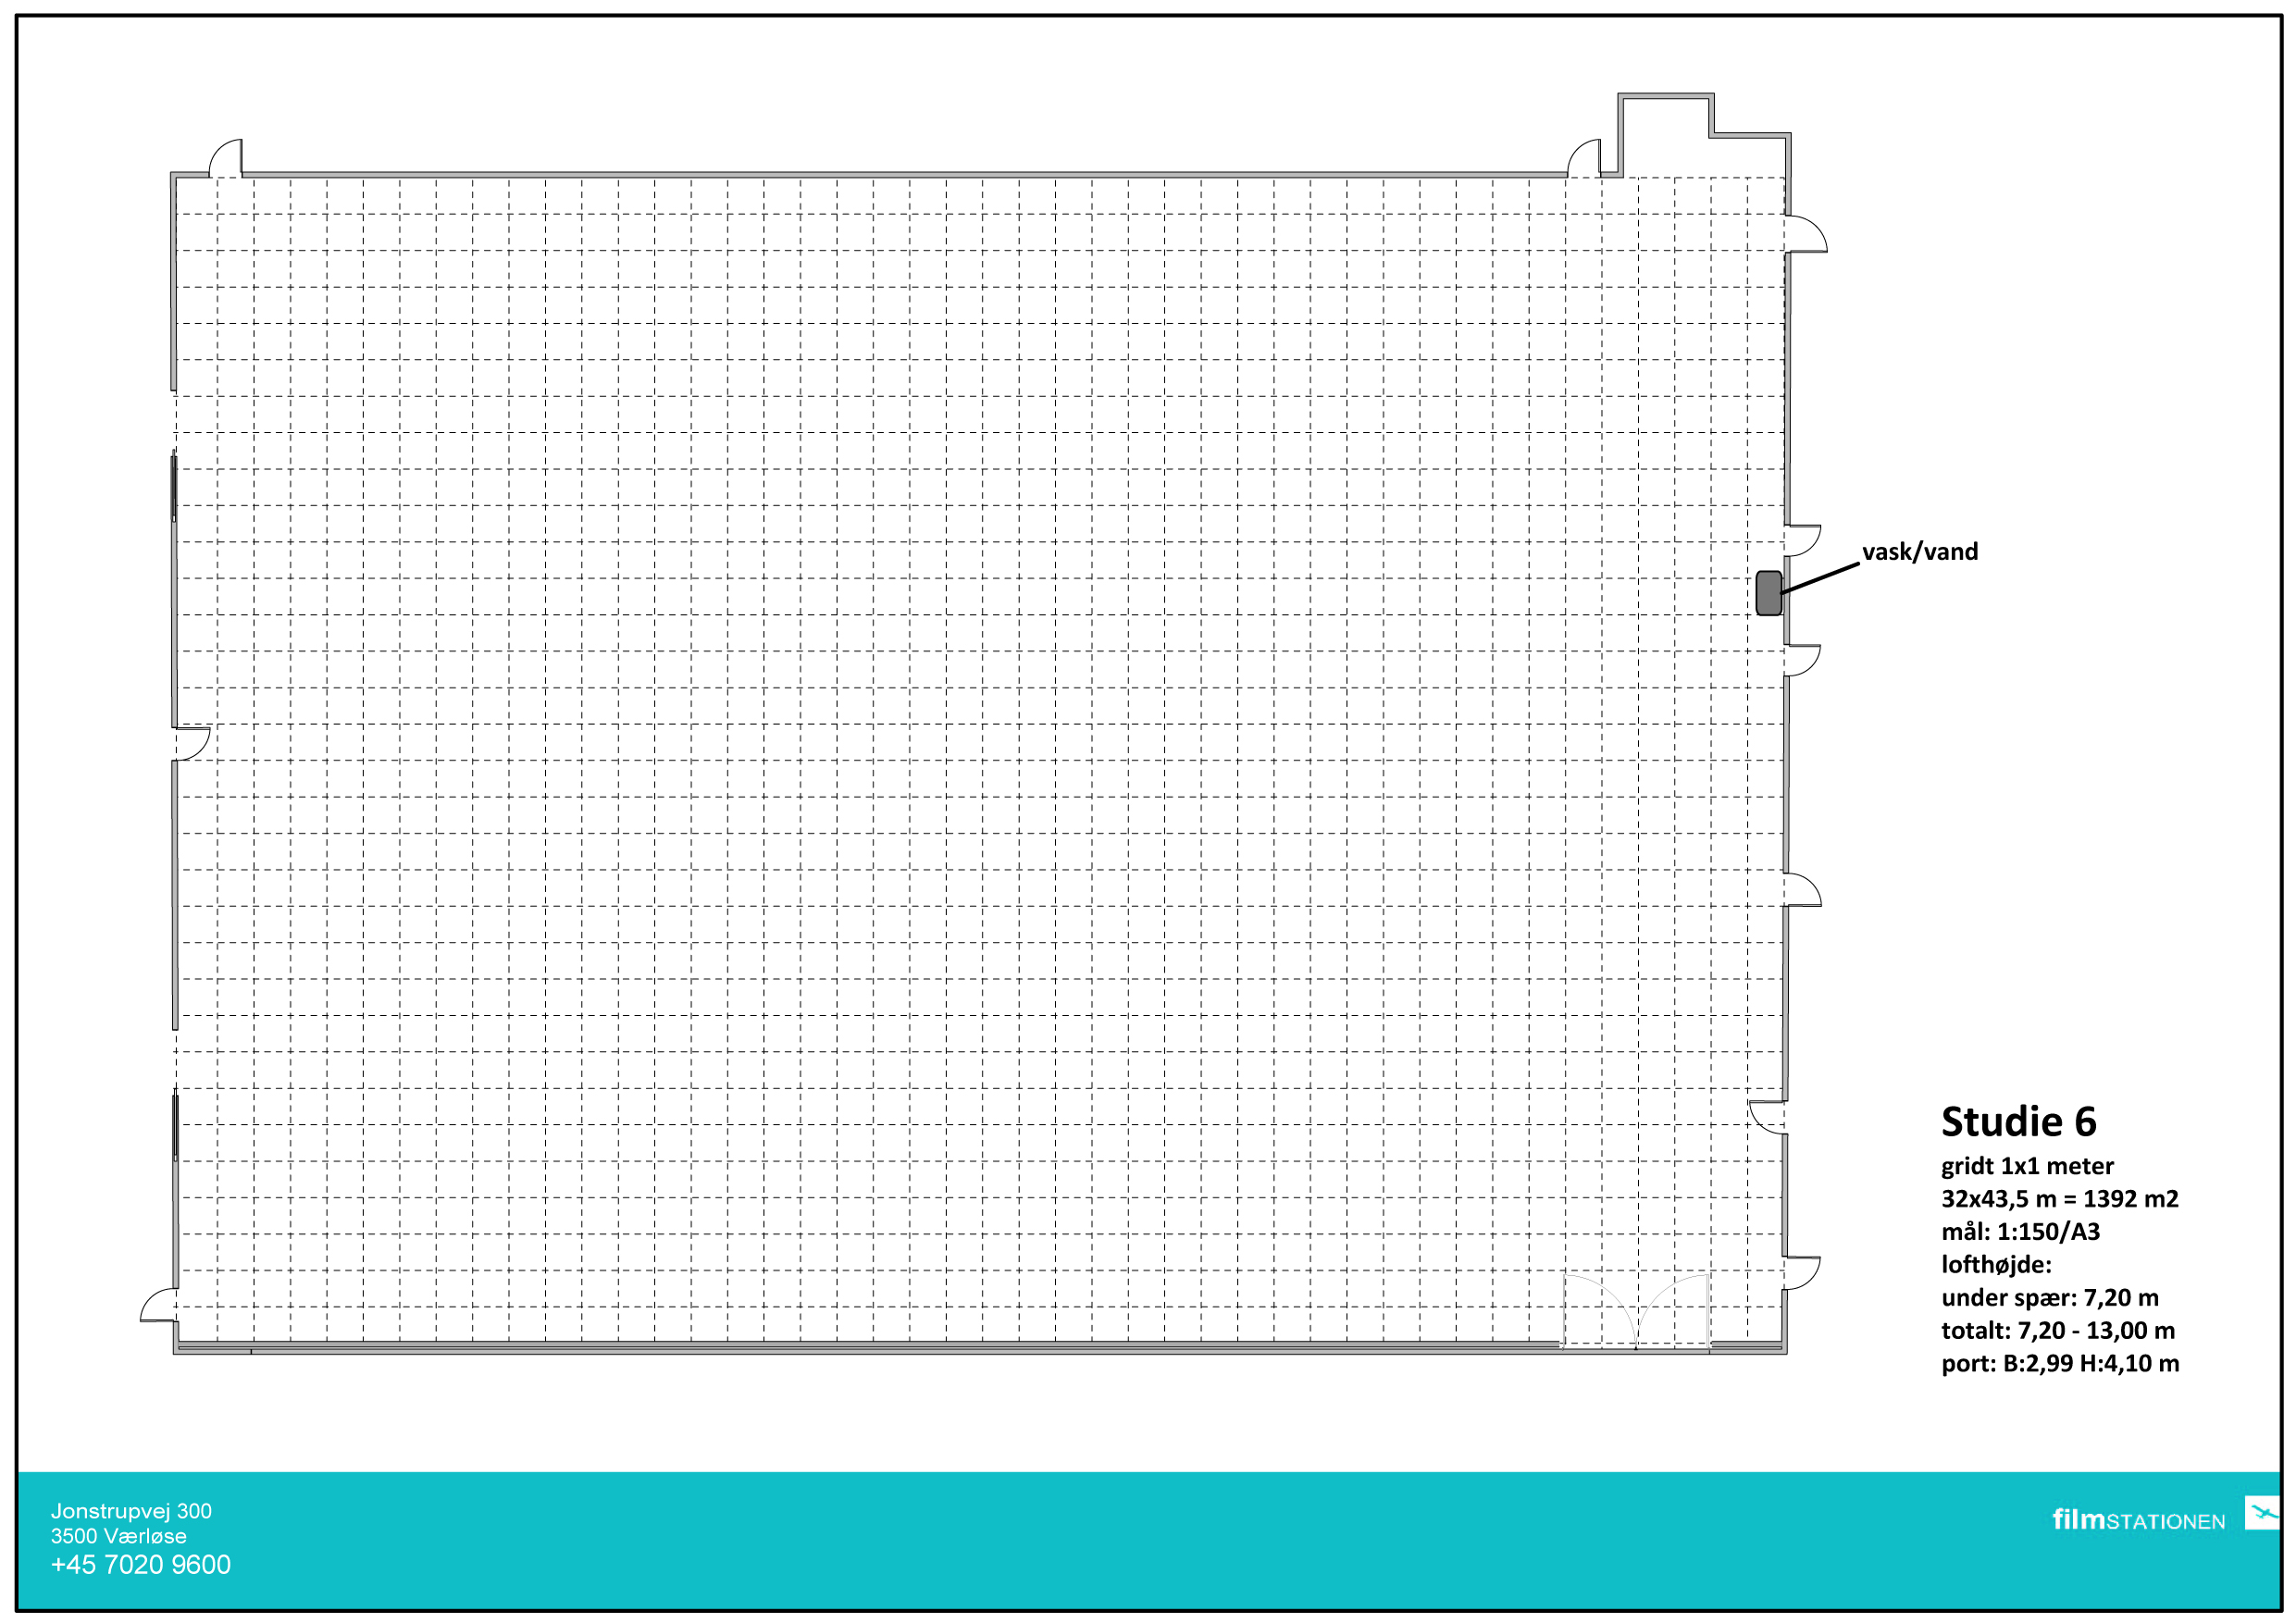 grundplan HG6  oversigt.vwx